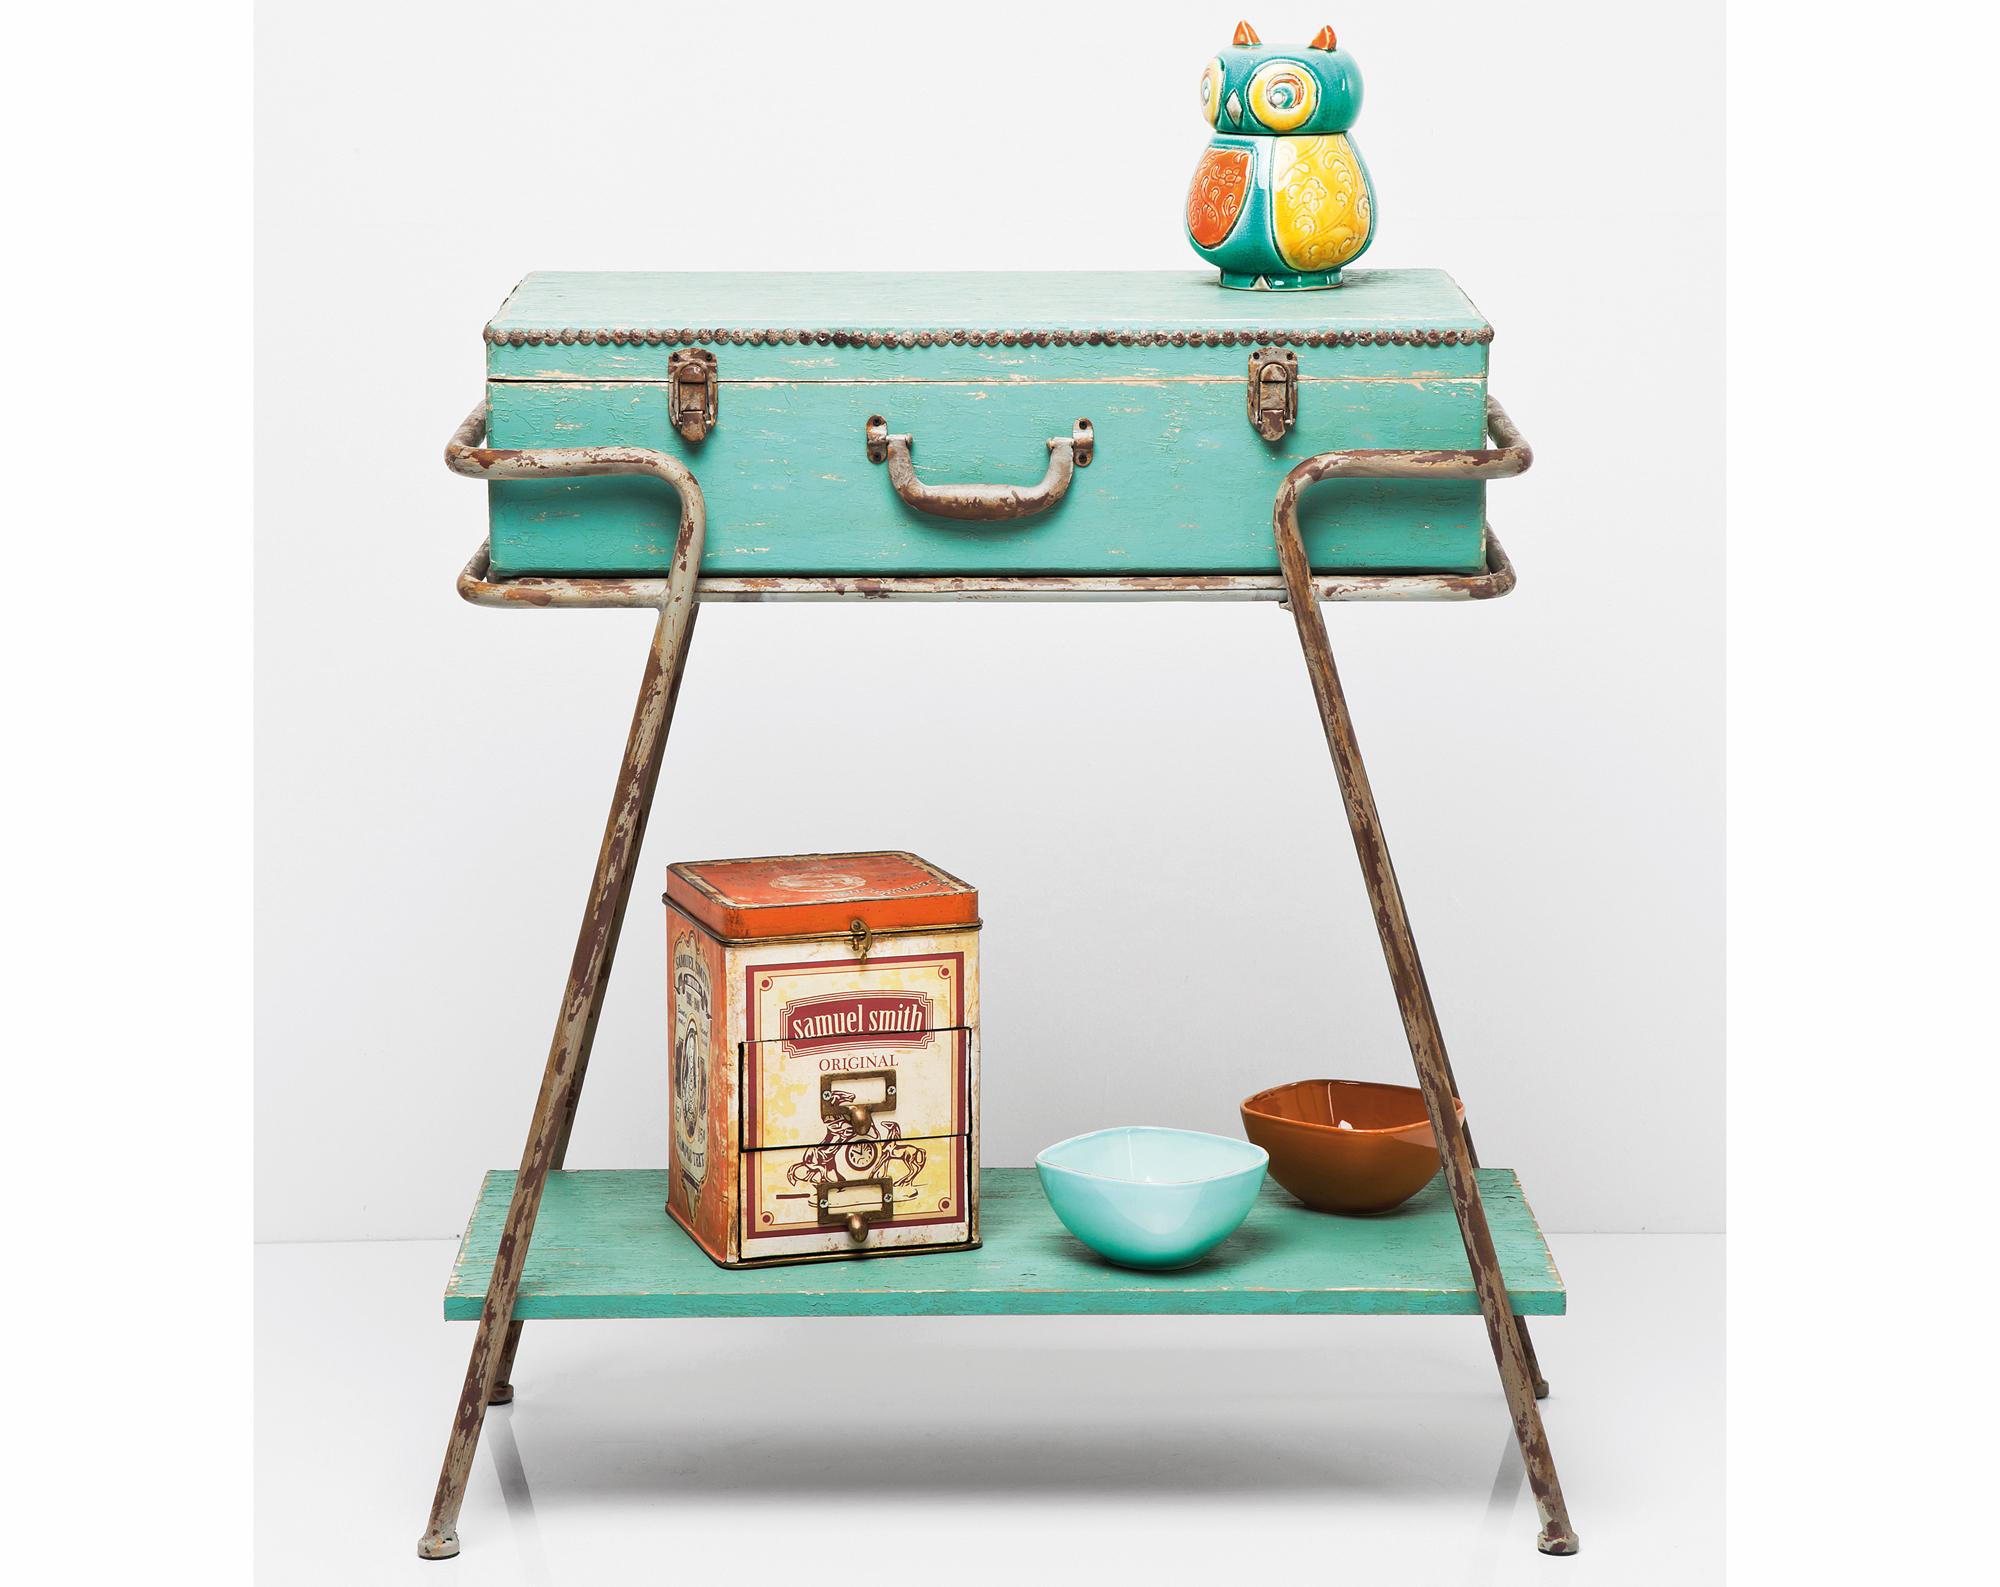 Consola vintage case revista muebles mobiliario de dise o - Muebles de diseno vintage ...